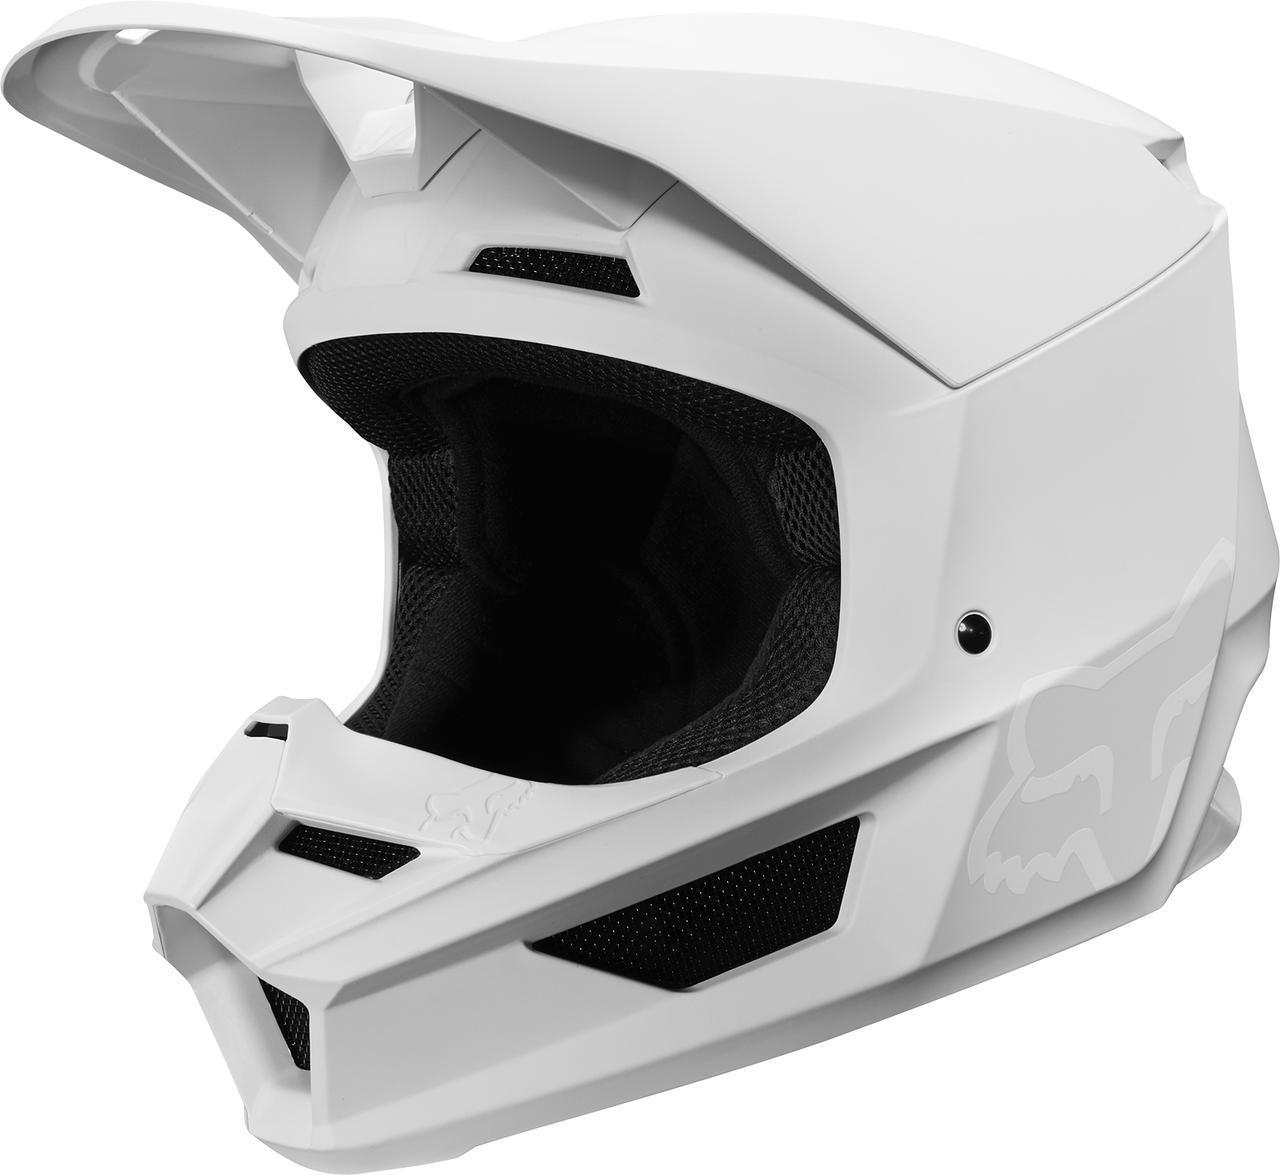 画像: FOX新型のヘルメット、バイザーがマグネットで固定される - Off1.jp(オフワン・ドット・ジェイピー)